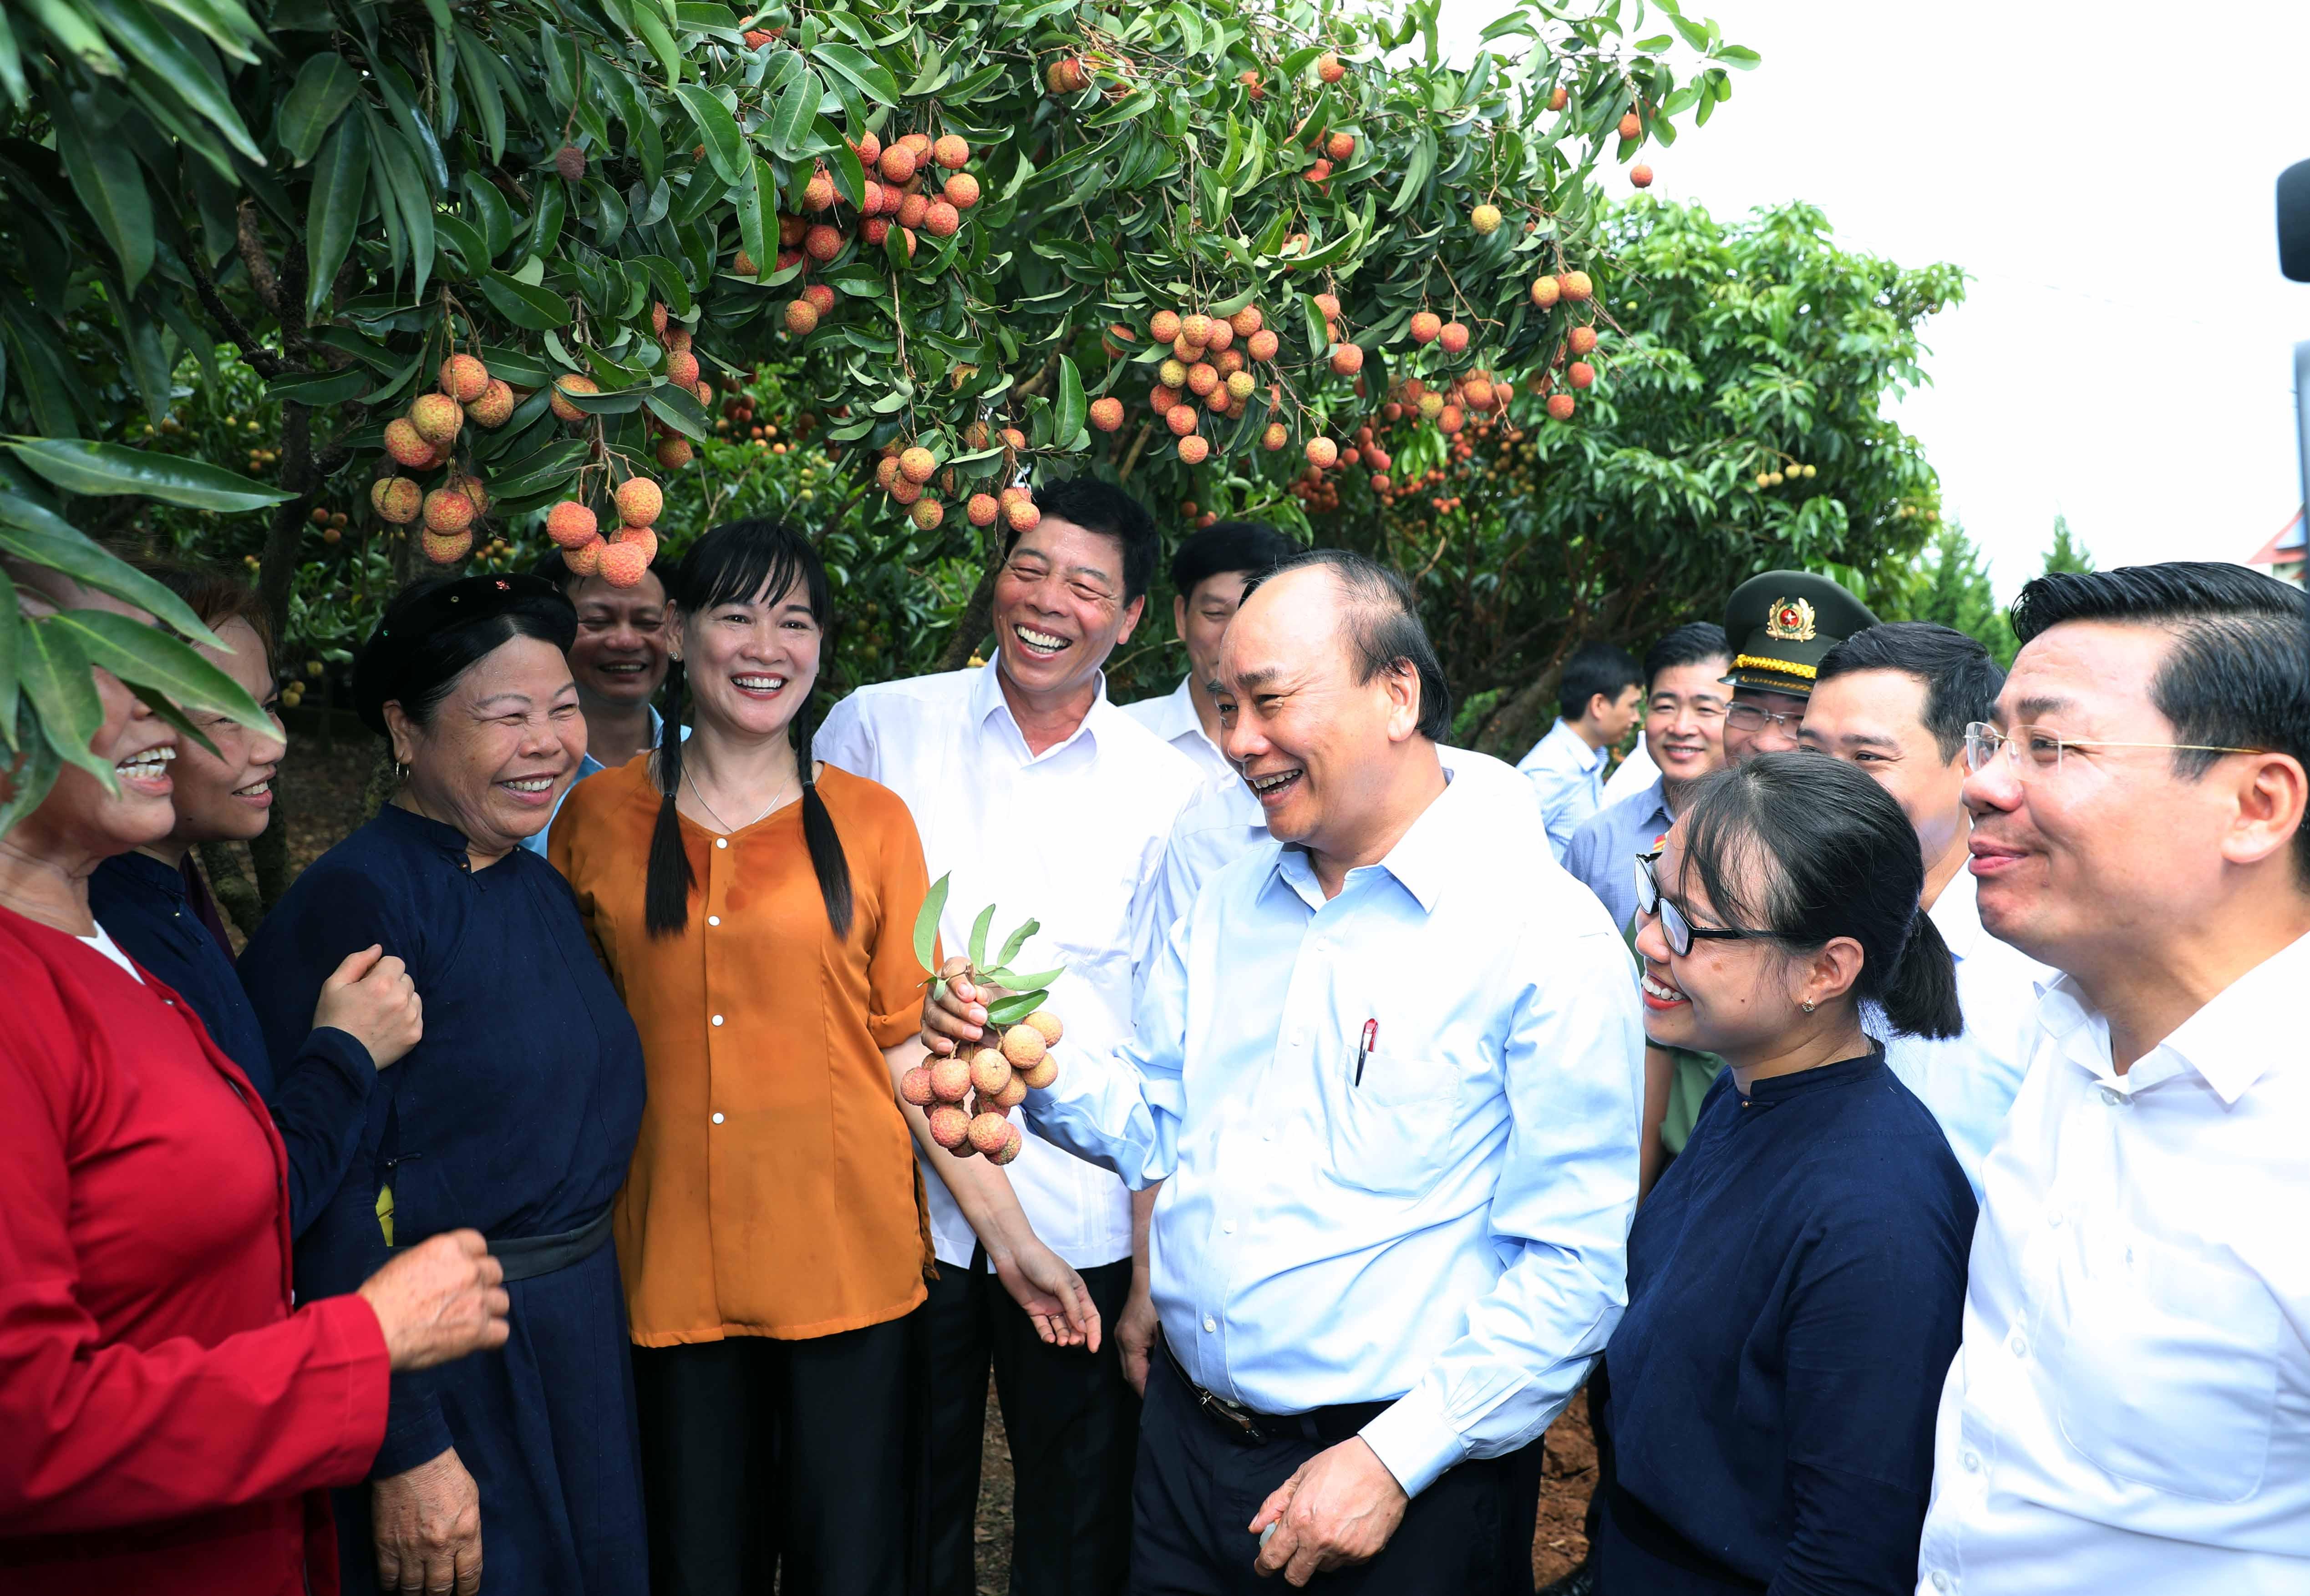 """Thủ tướng Nguyễn Xuân Phúc thăm """"Vườn quả Bác Hồ"""" tại xã Quý Sơn, huyện Lục Ngạn, tỉnh Bắc Giang, ngày 6/6/2020. (Ảnh: VGP)."""